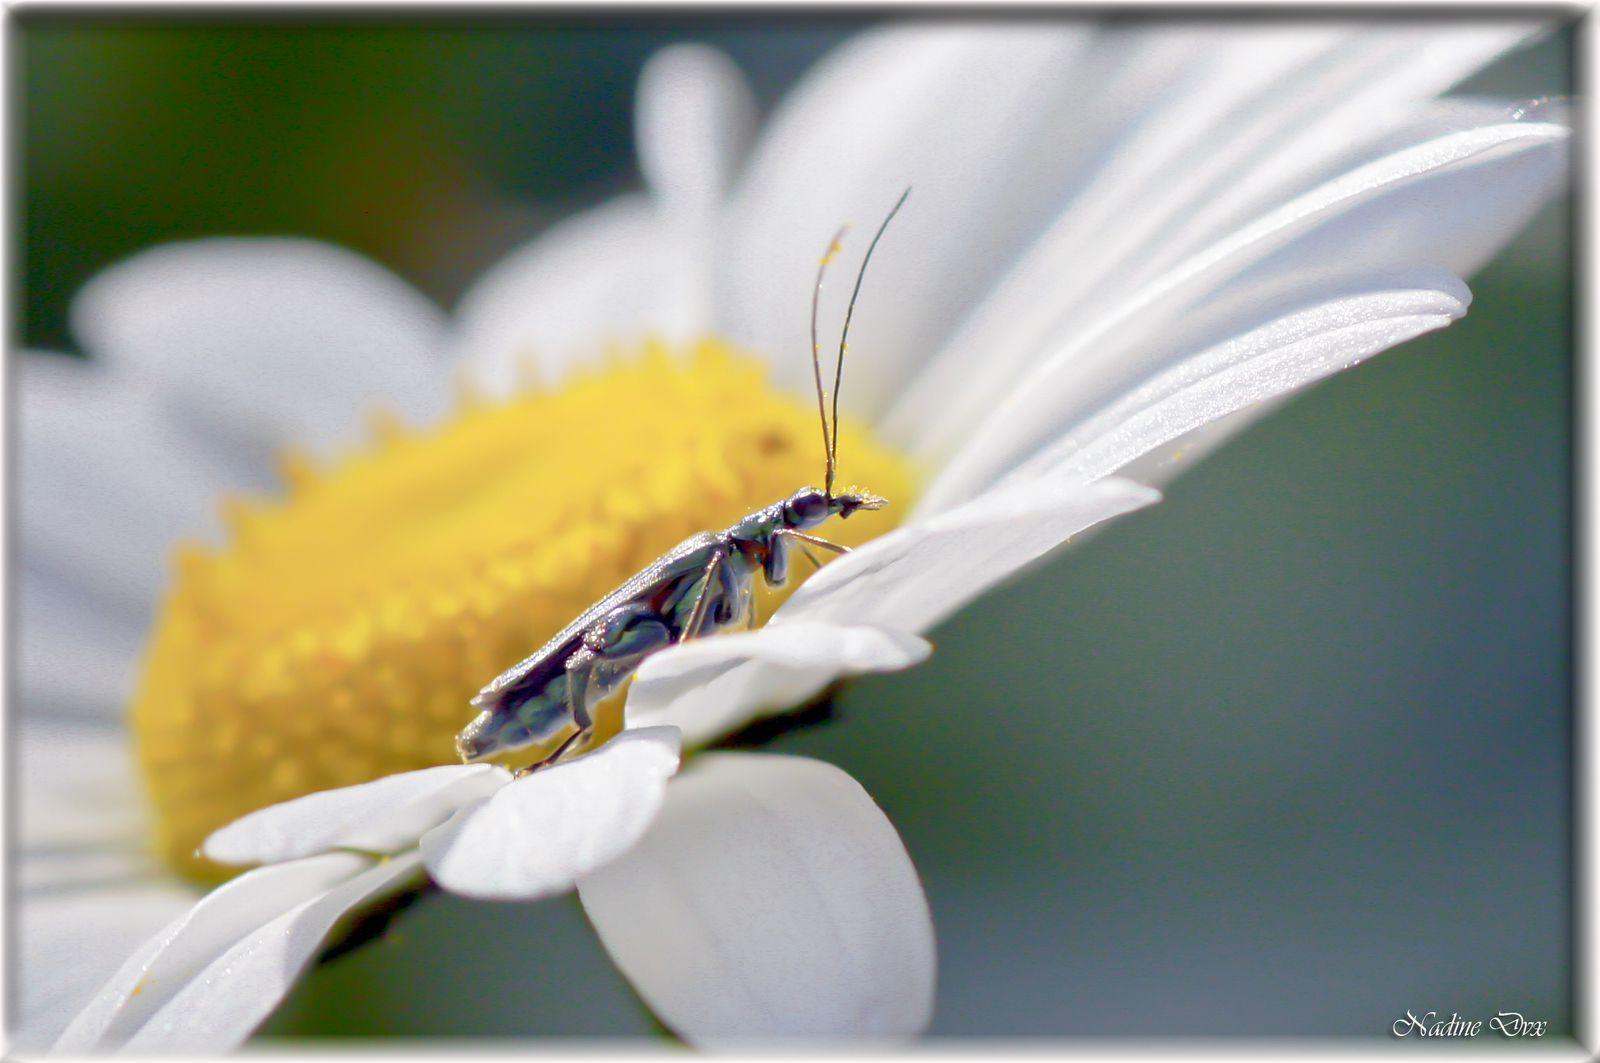 L'œdémère noble (Oedemera nobilis) - Coléoptère